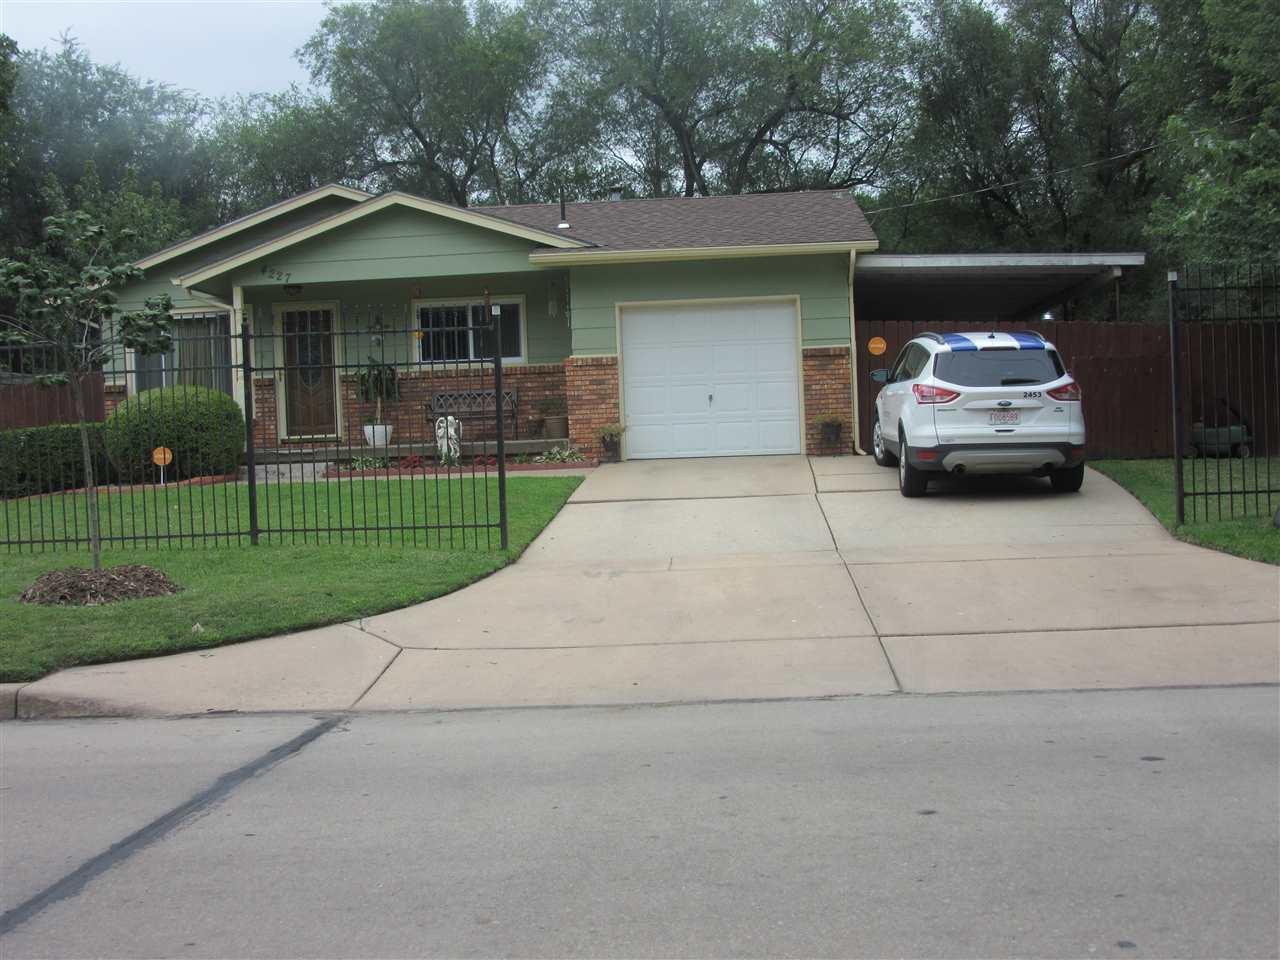 4227 W SAINT LOUIS AVE, Wichita, KS 67212